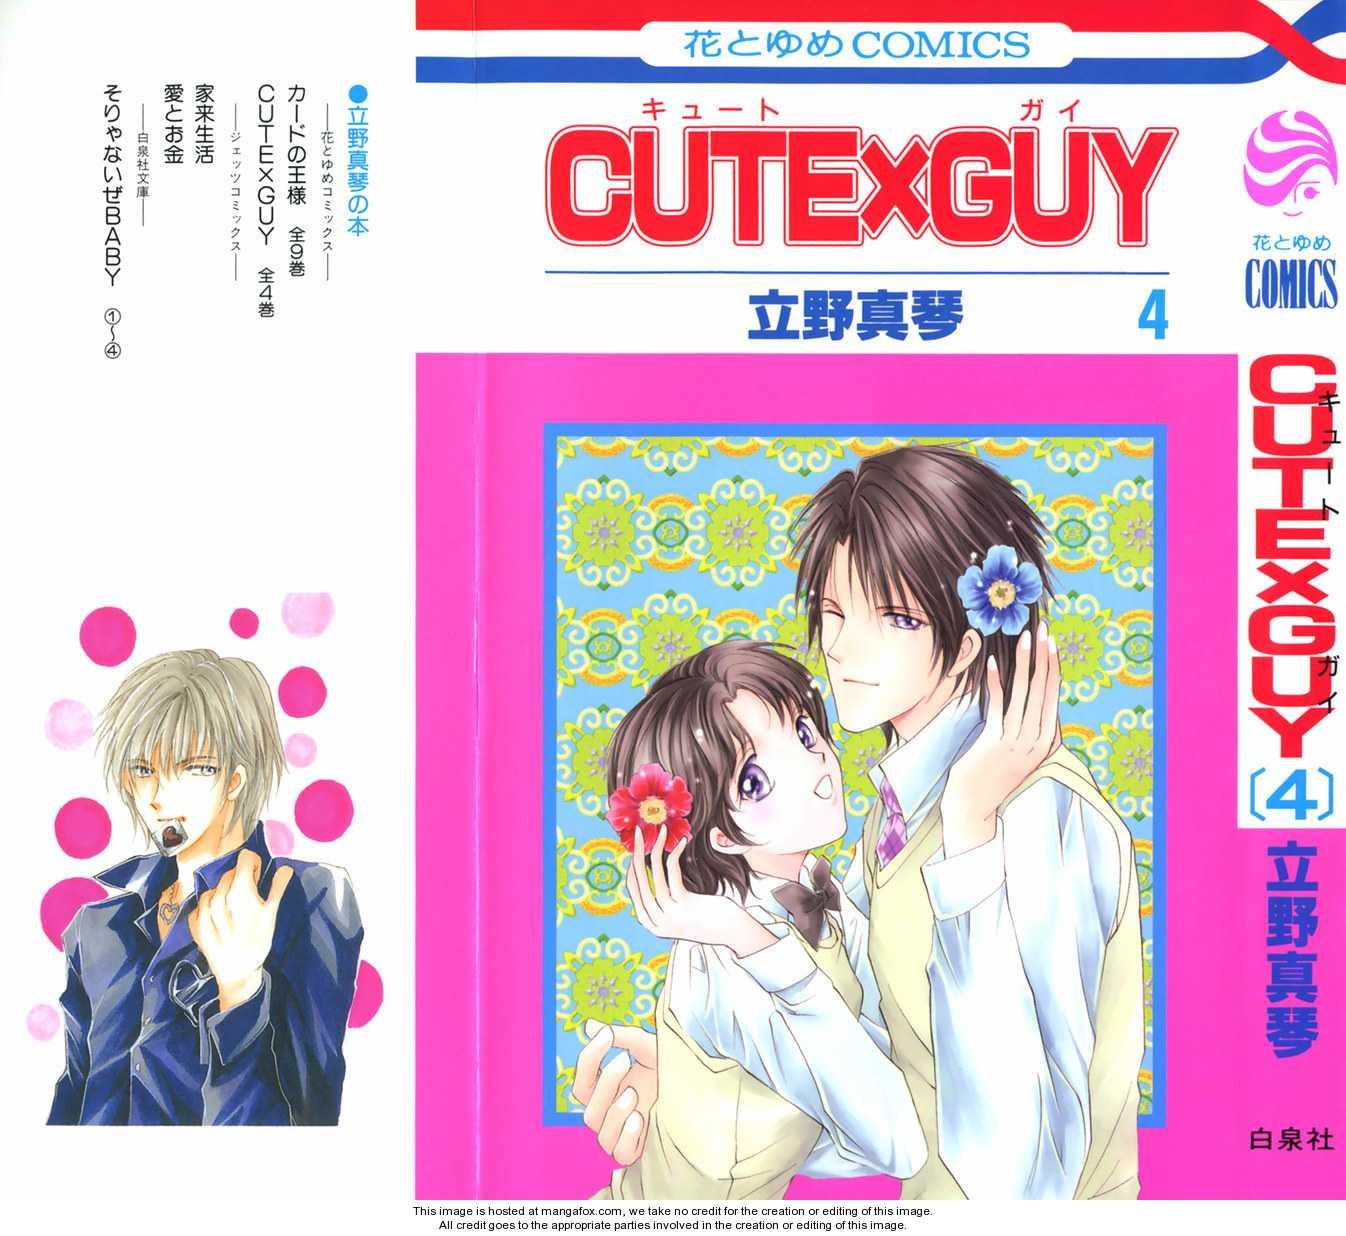 CUTEXGUY 13 at MangaFox